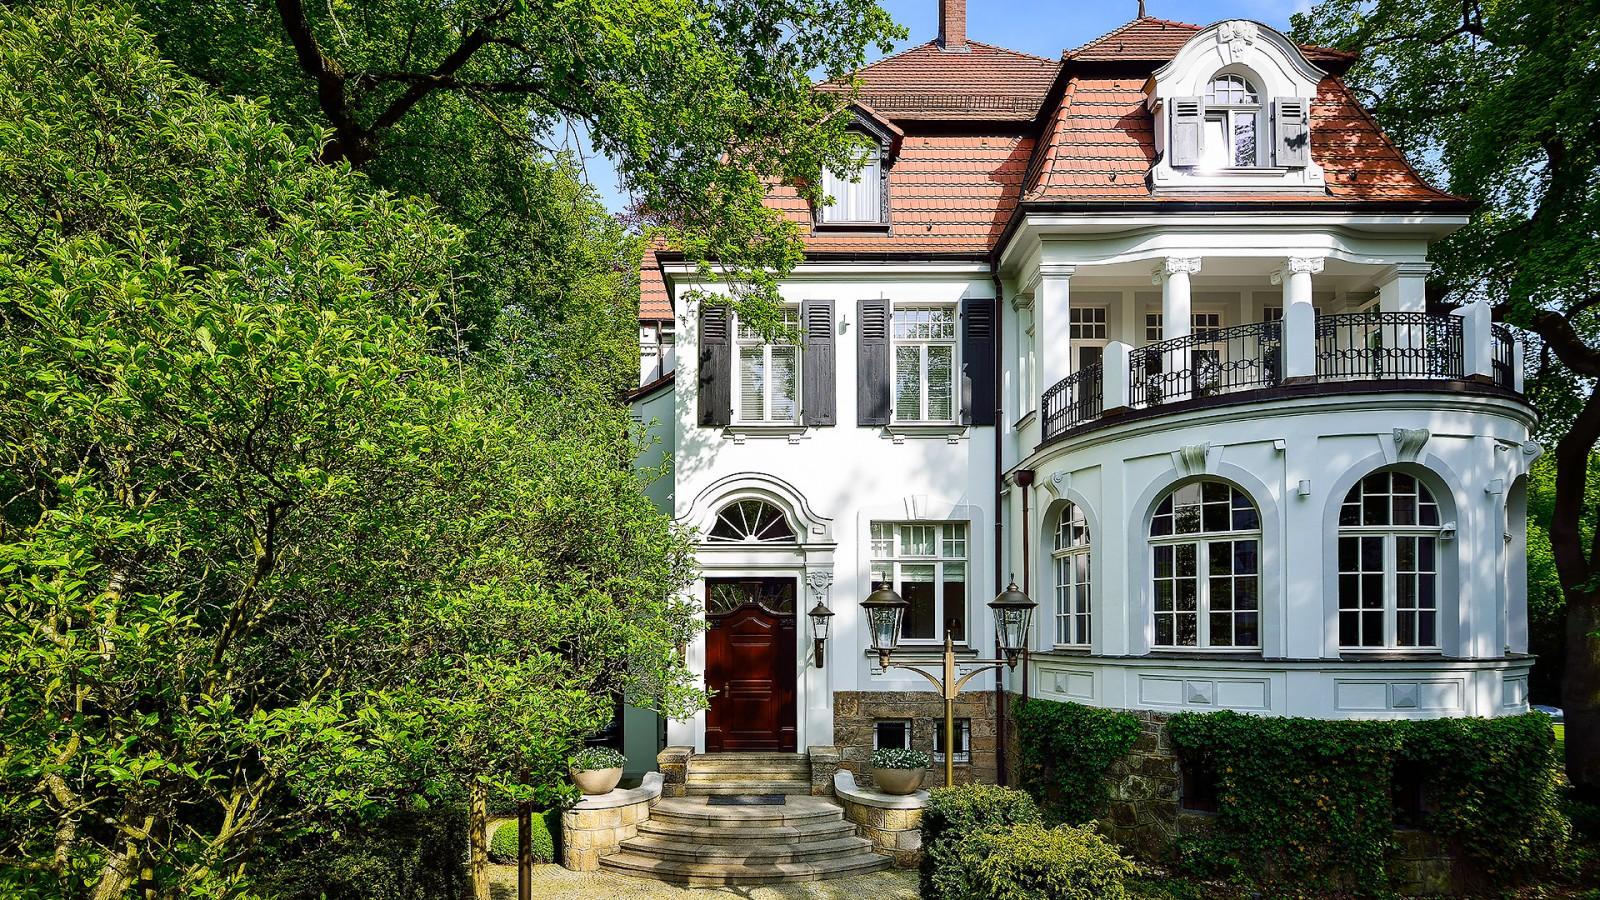 Umbau einer Villa in Hannover | JUNG - Architekturbüro, Innenarchitekturbüro Hildesheim